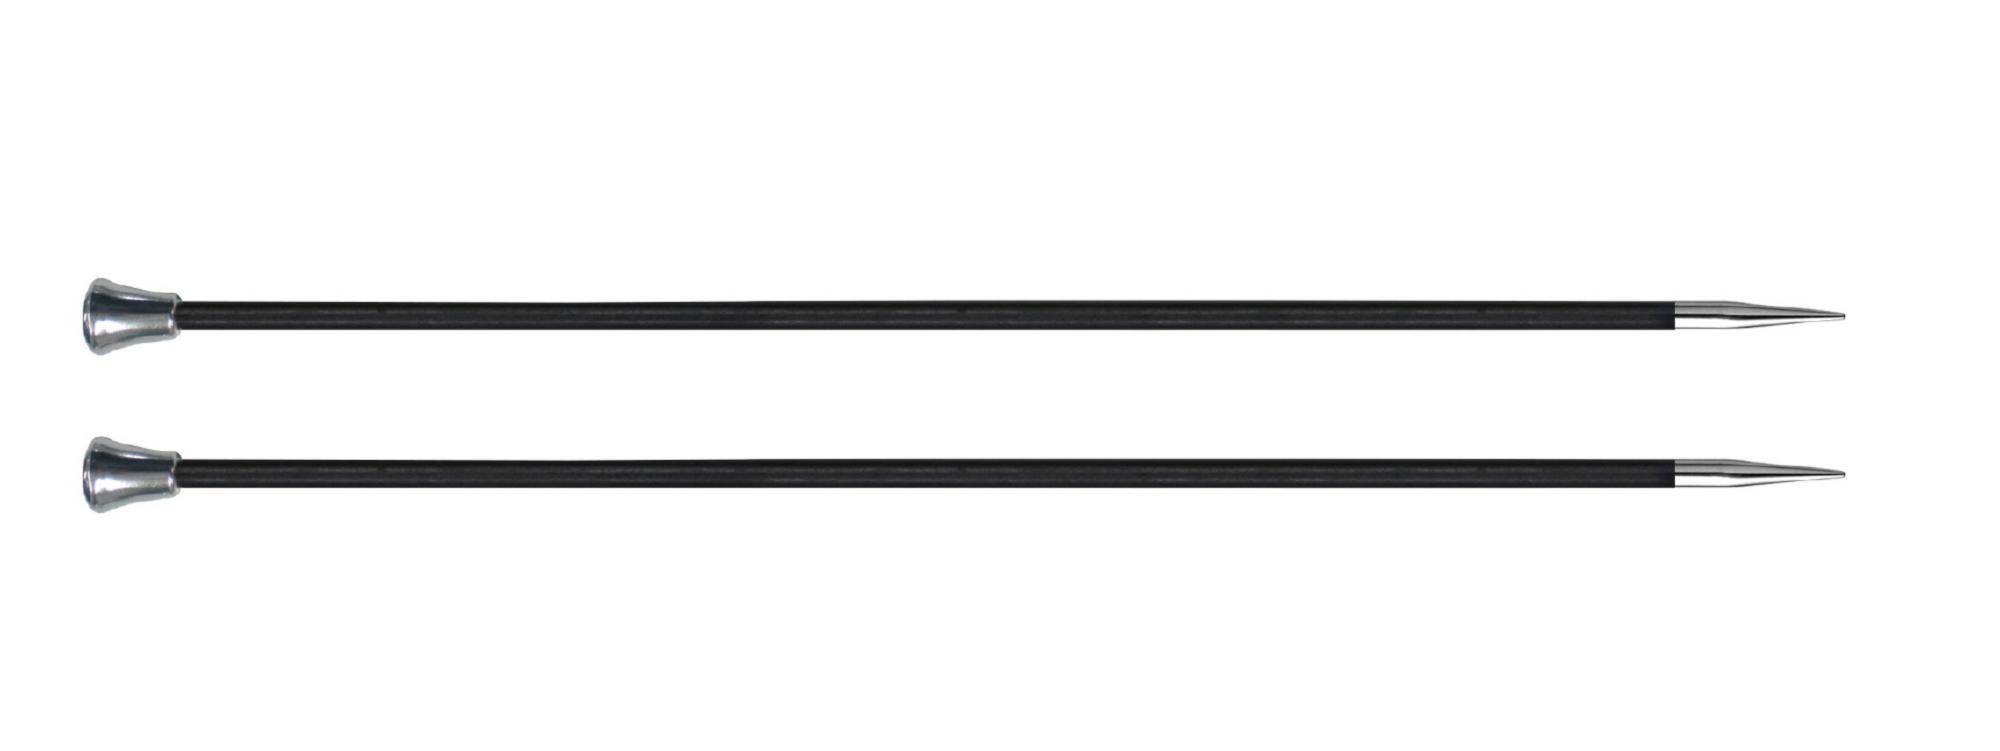 Спицы прямые 35 см Karbonz KnitPro, 41280, 2.00 мм